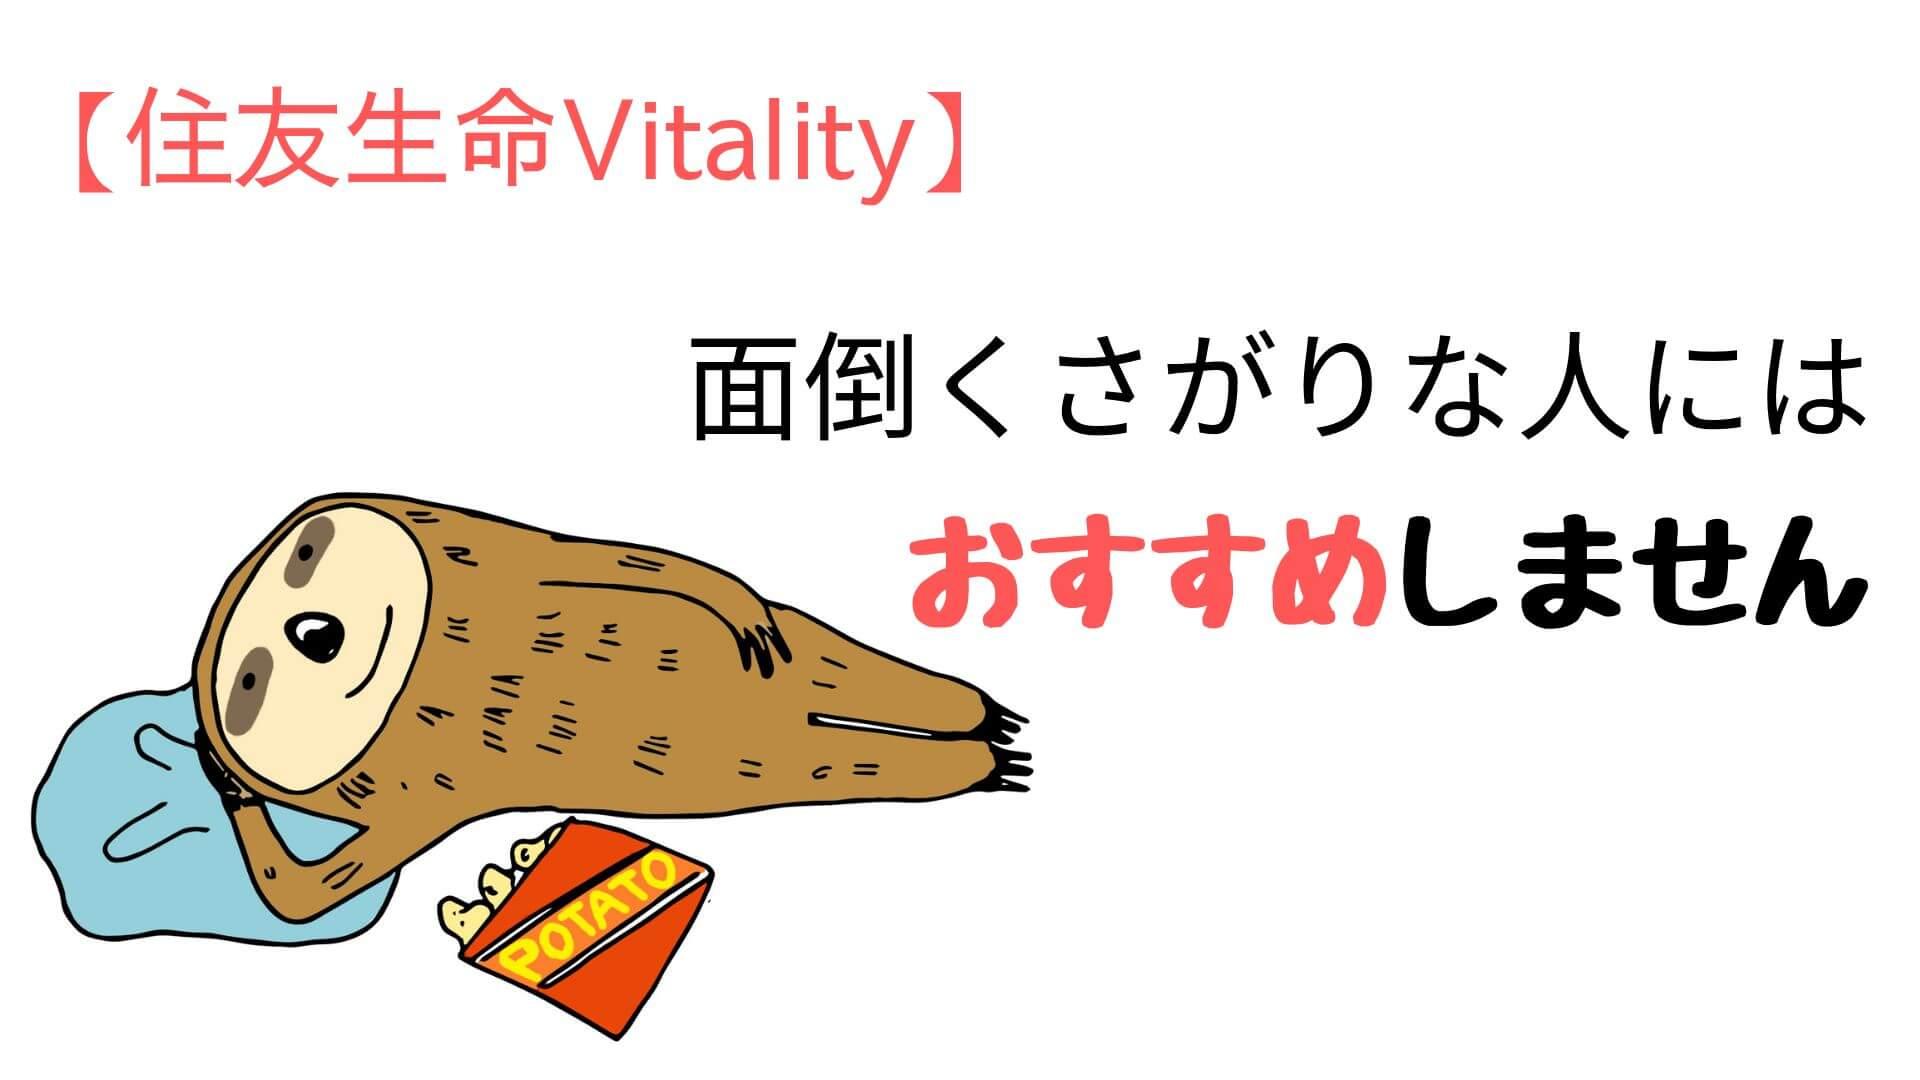 【住友生命Vitality】面倒くさがりな人にはおすすめしません